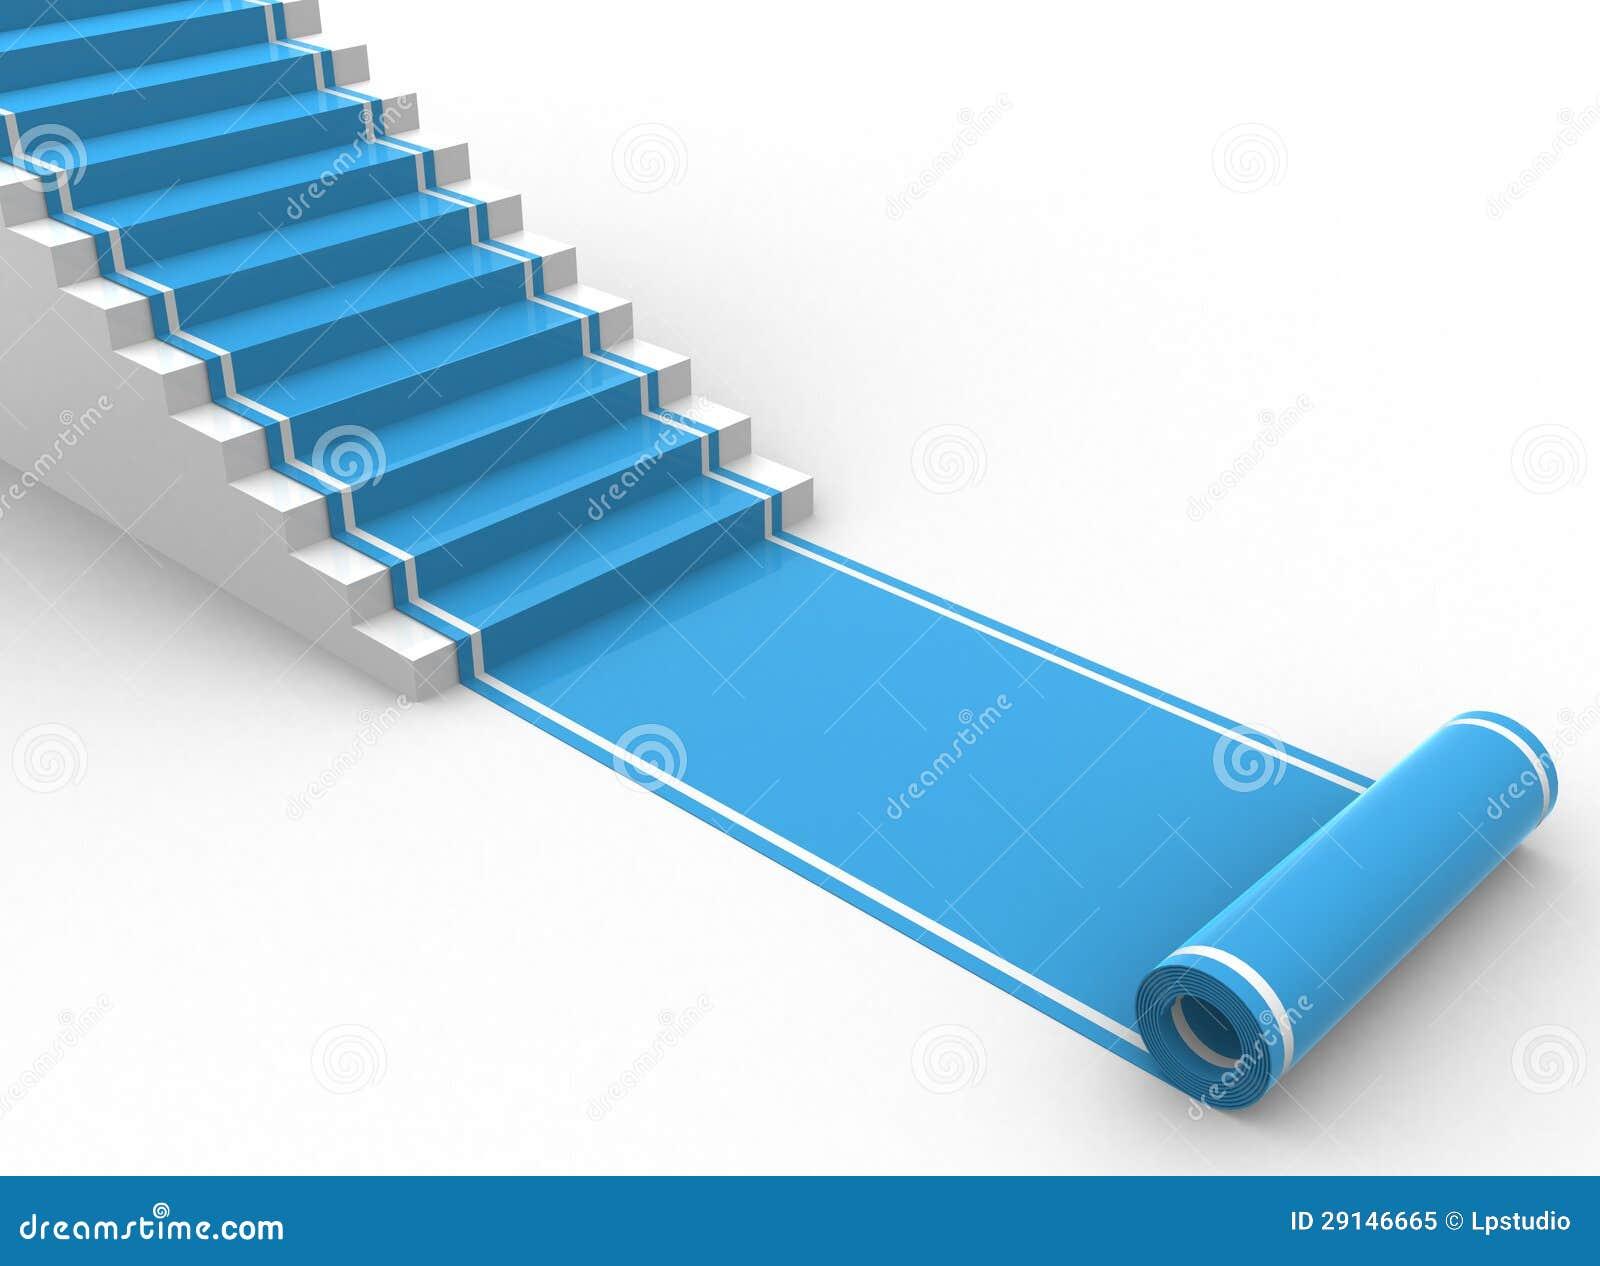 Tapis Bleu Unroling Avec Des Escaliers Illustration Stock